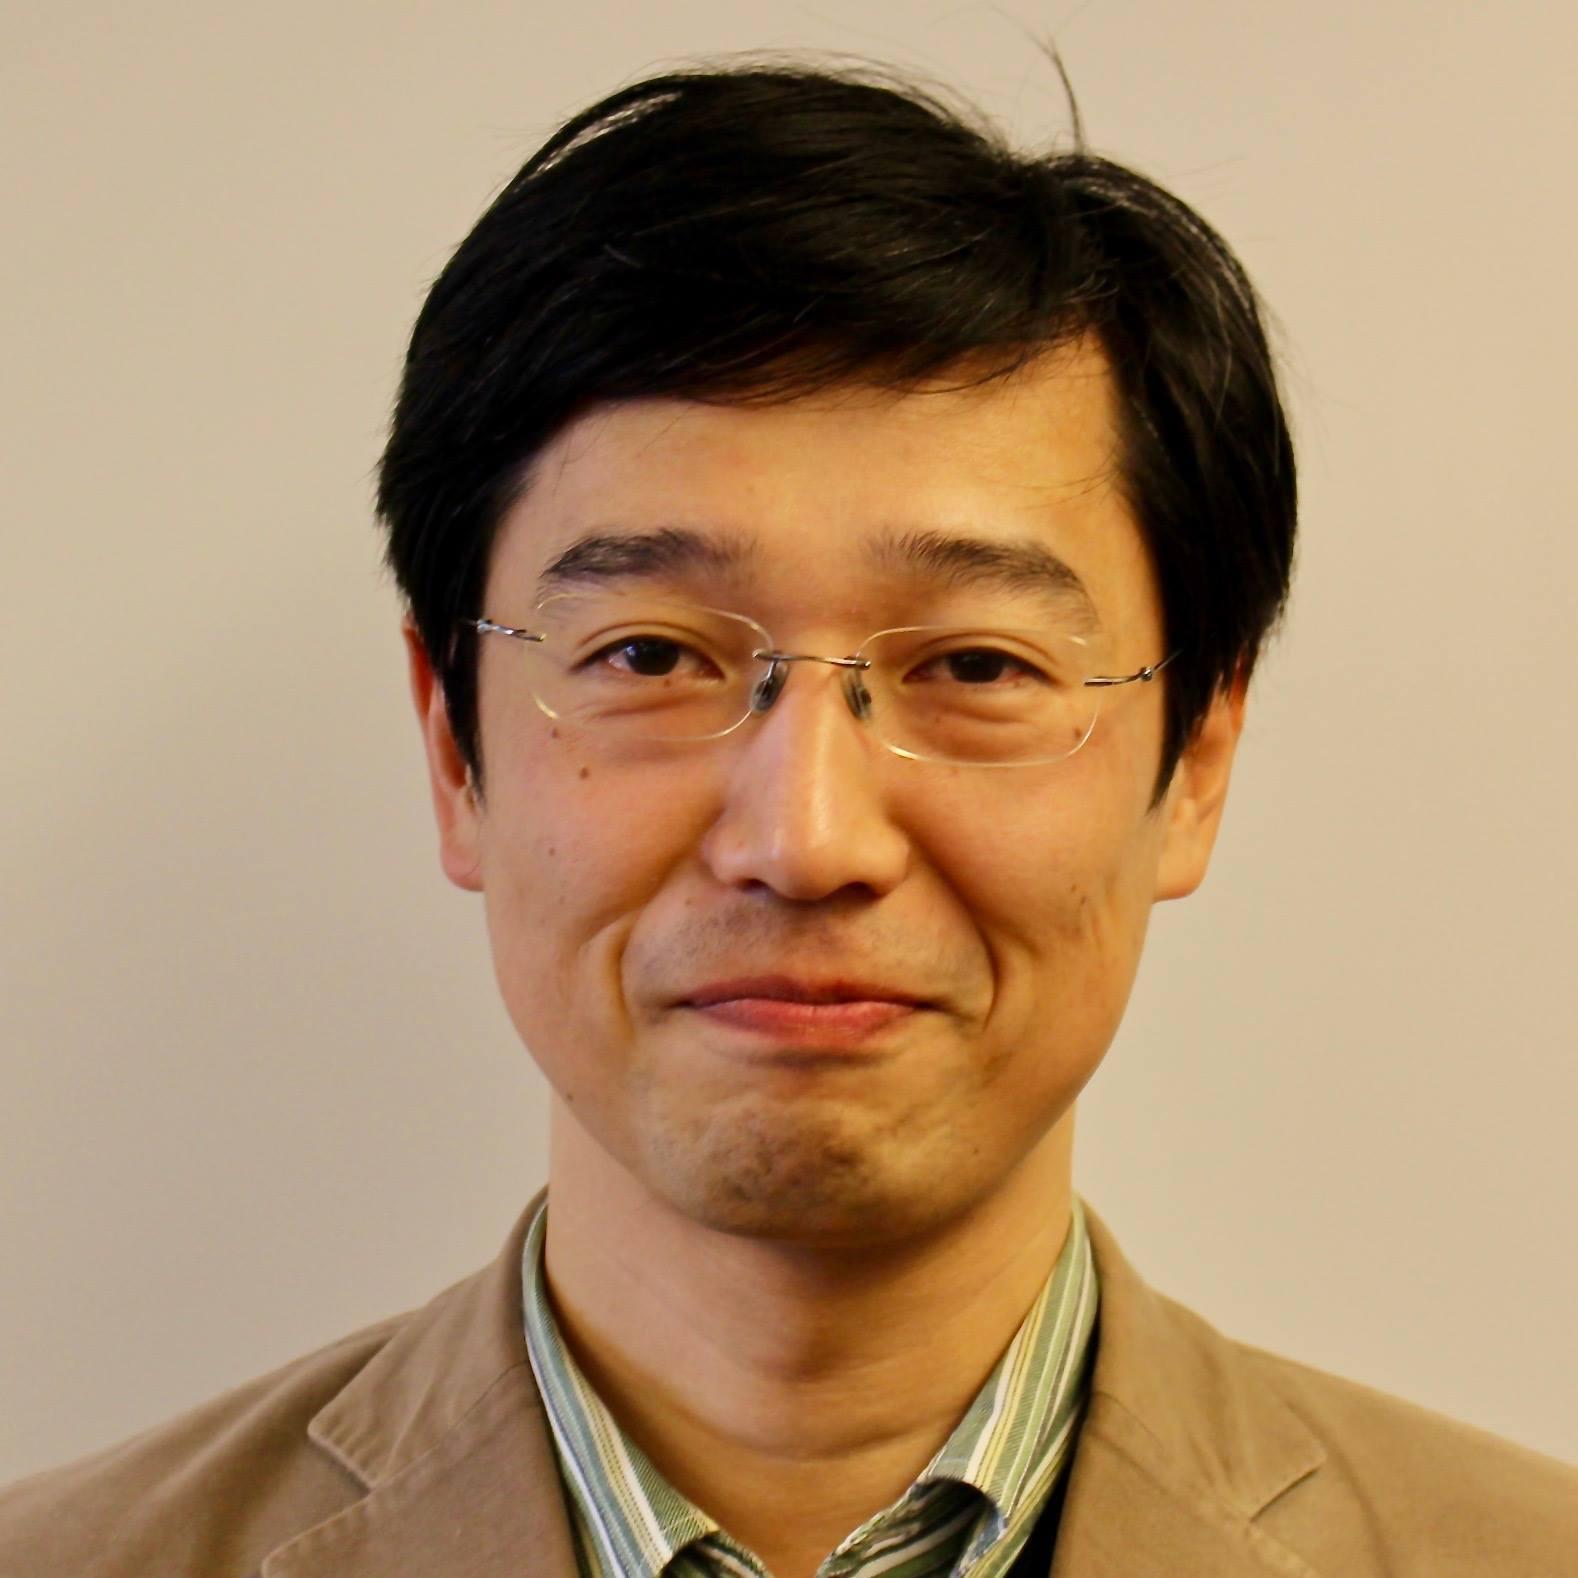 弁護士ドットコム株式会社太田良典